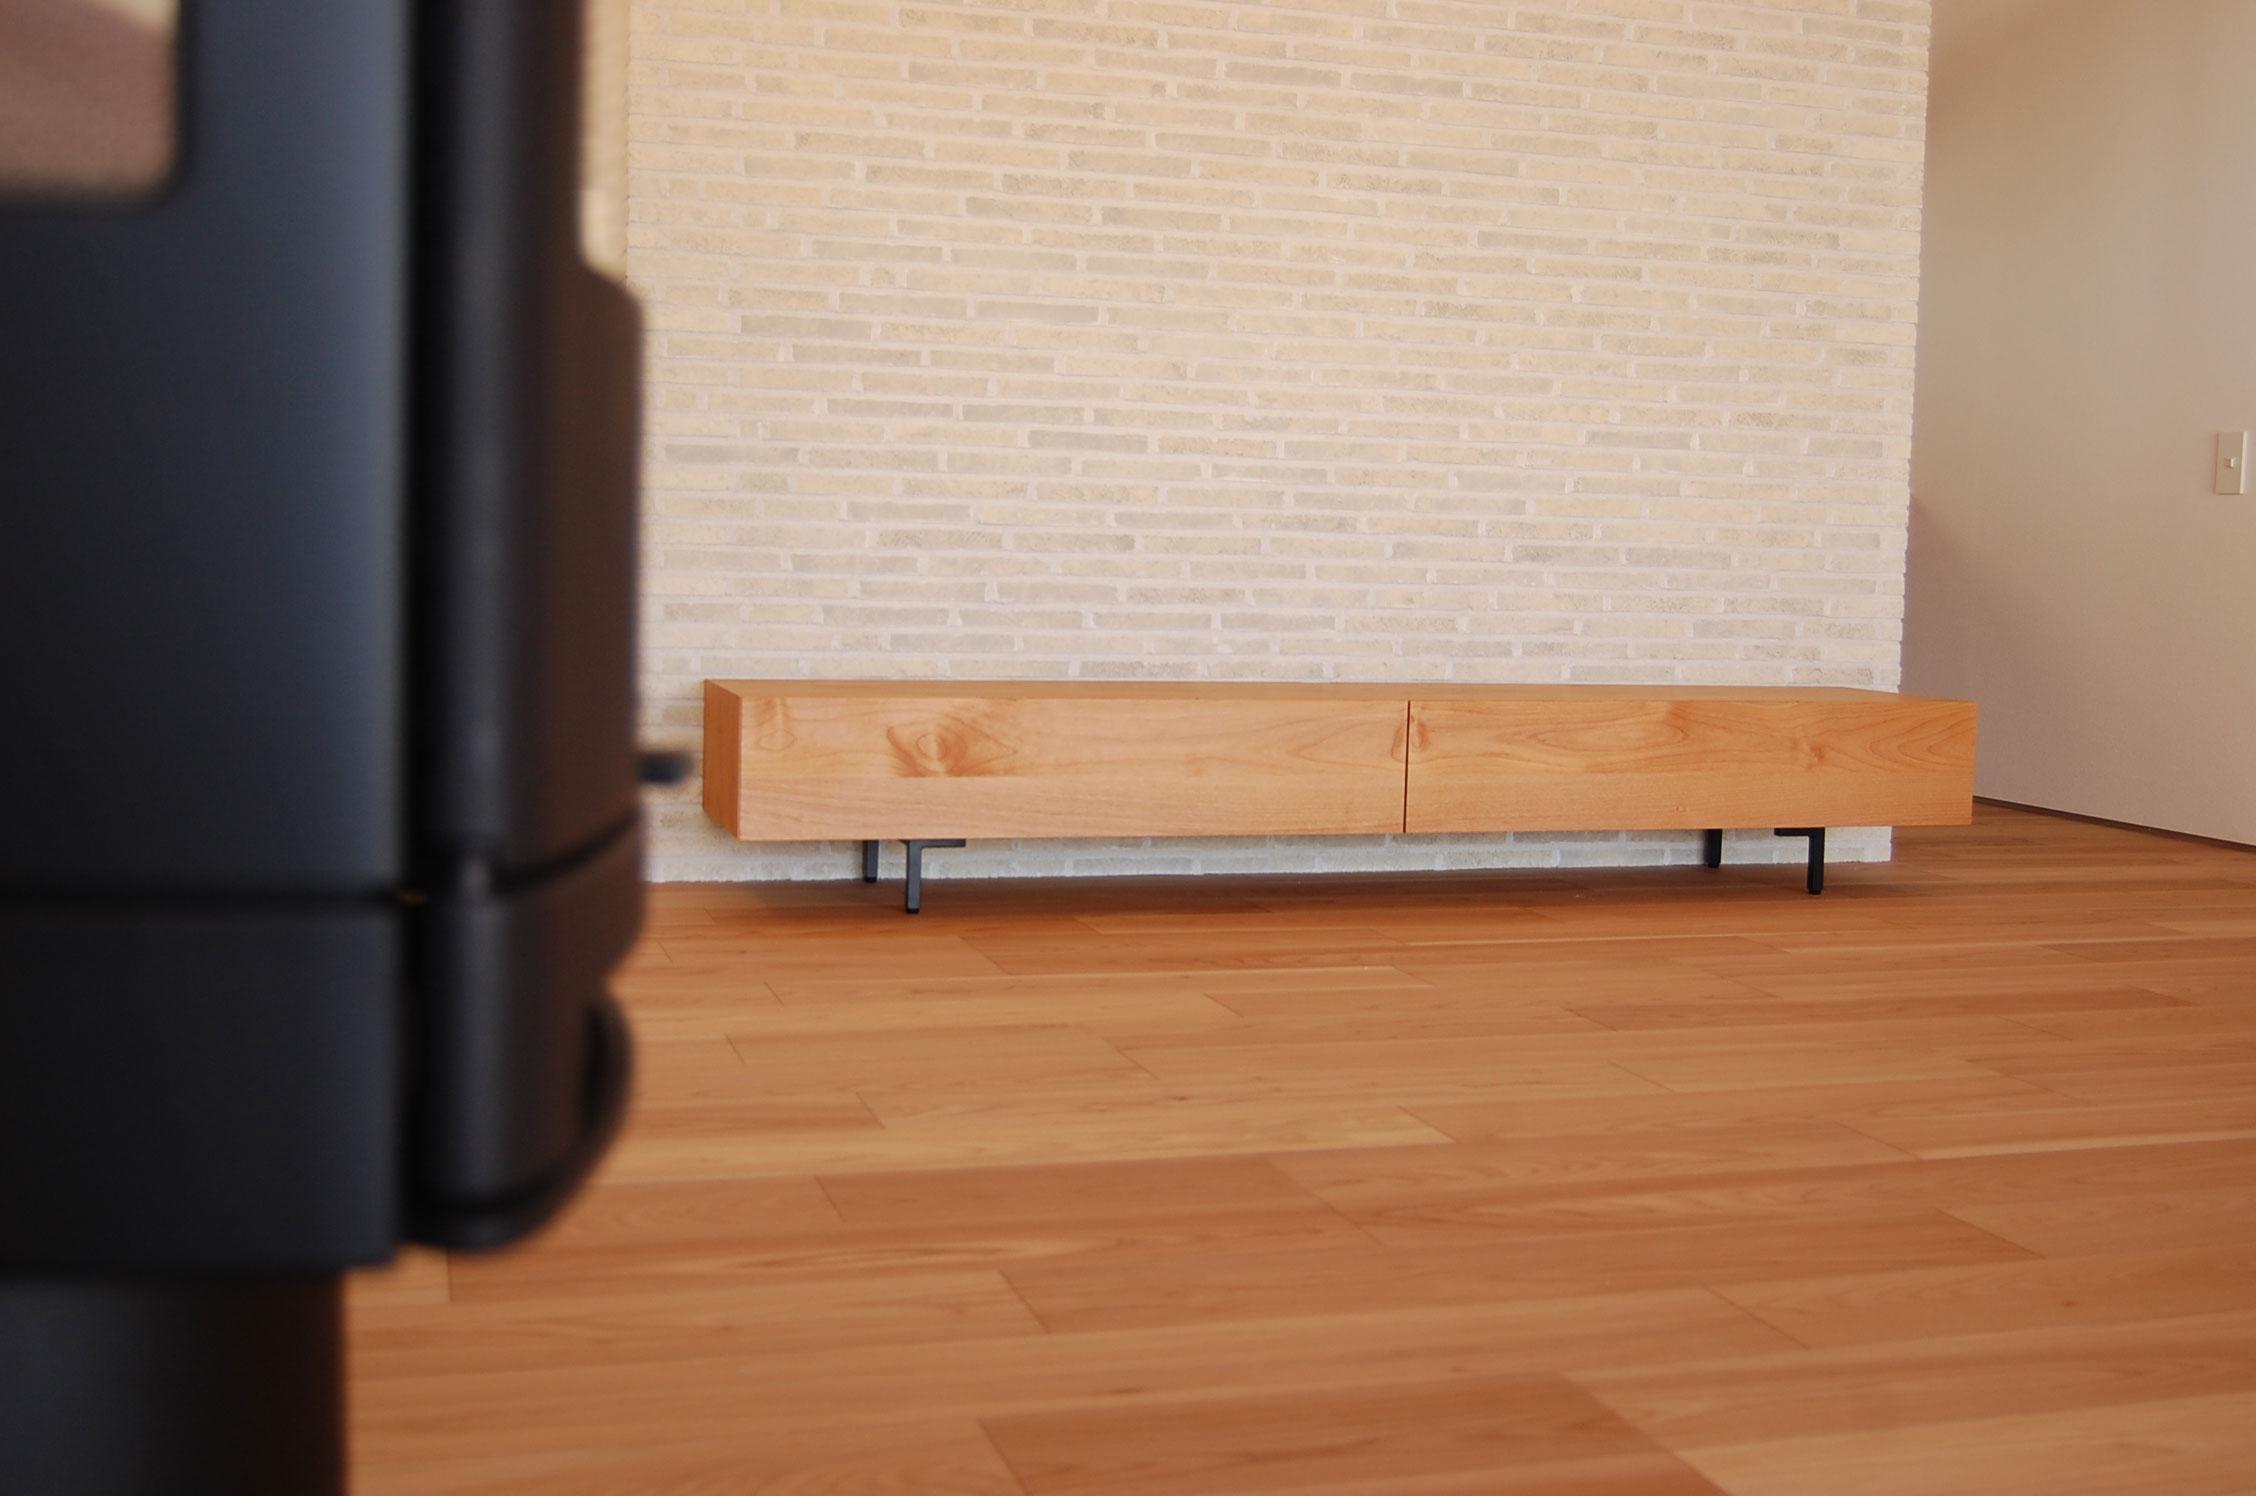 まっさらな新居にまっさらな黒脚テレビボード